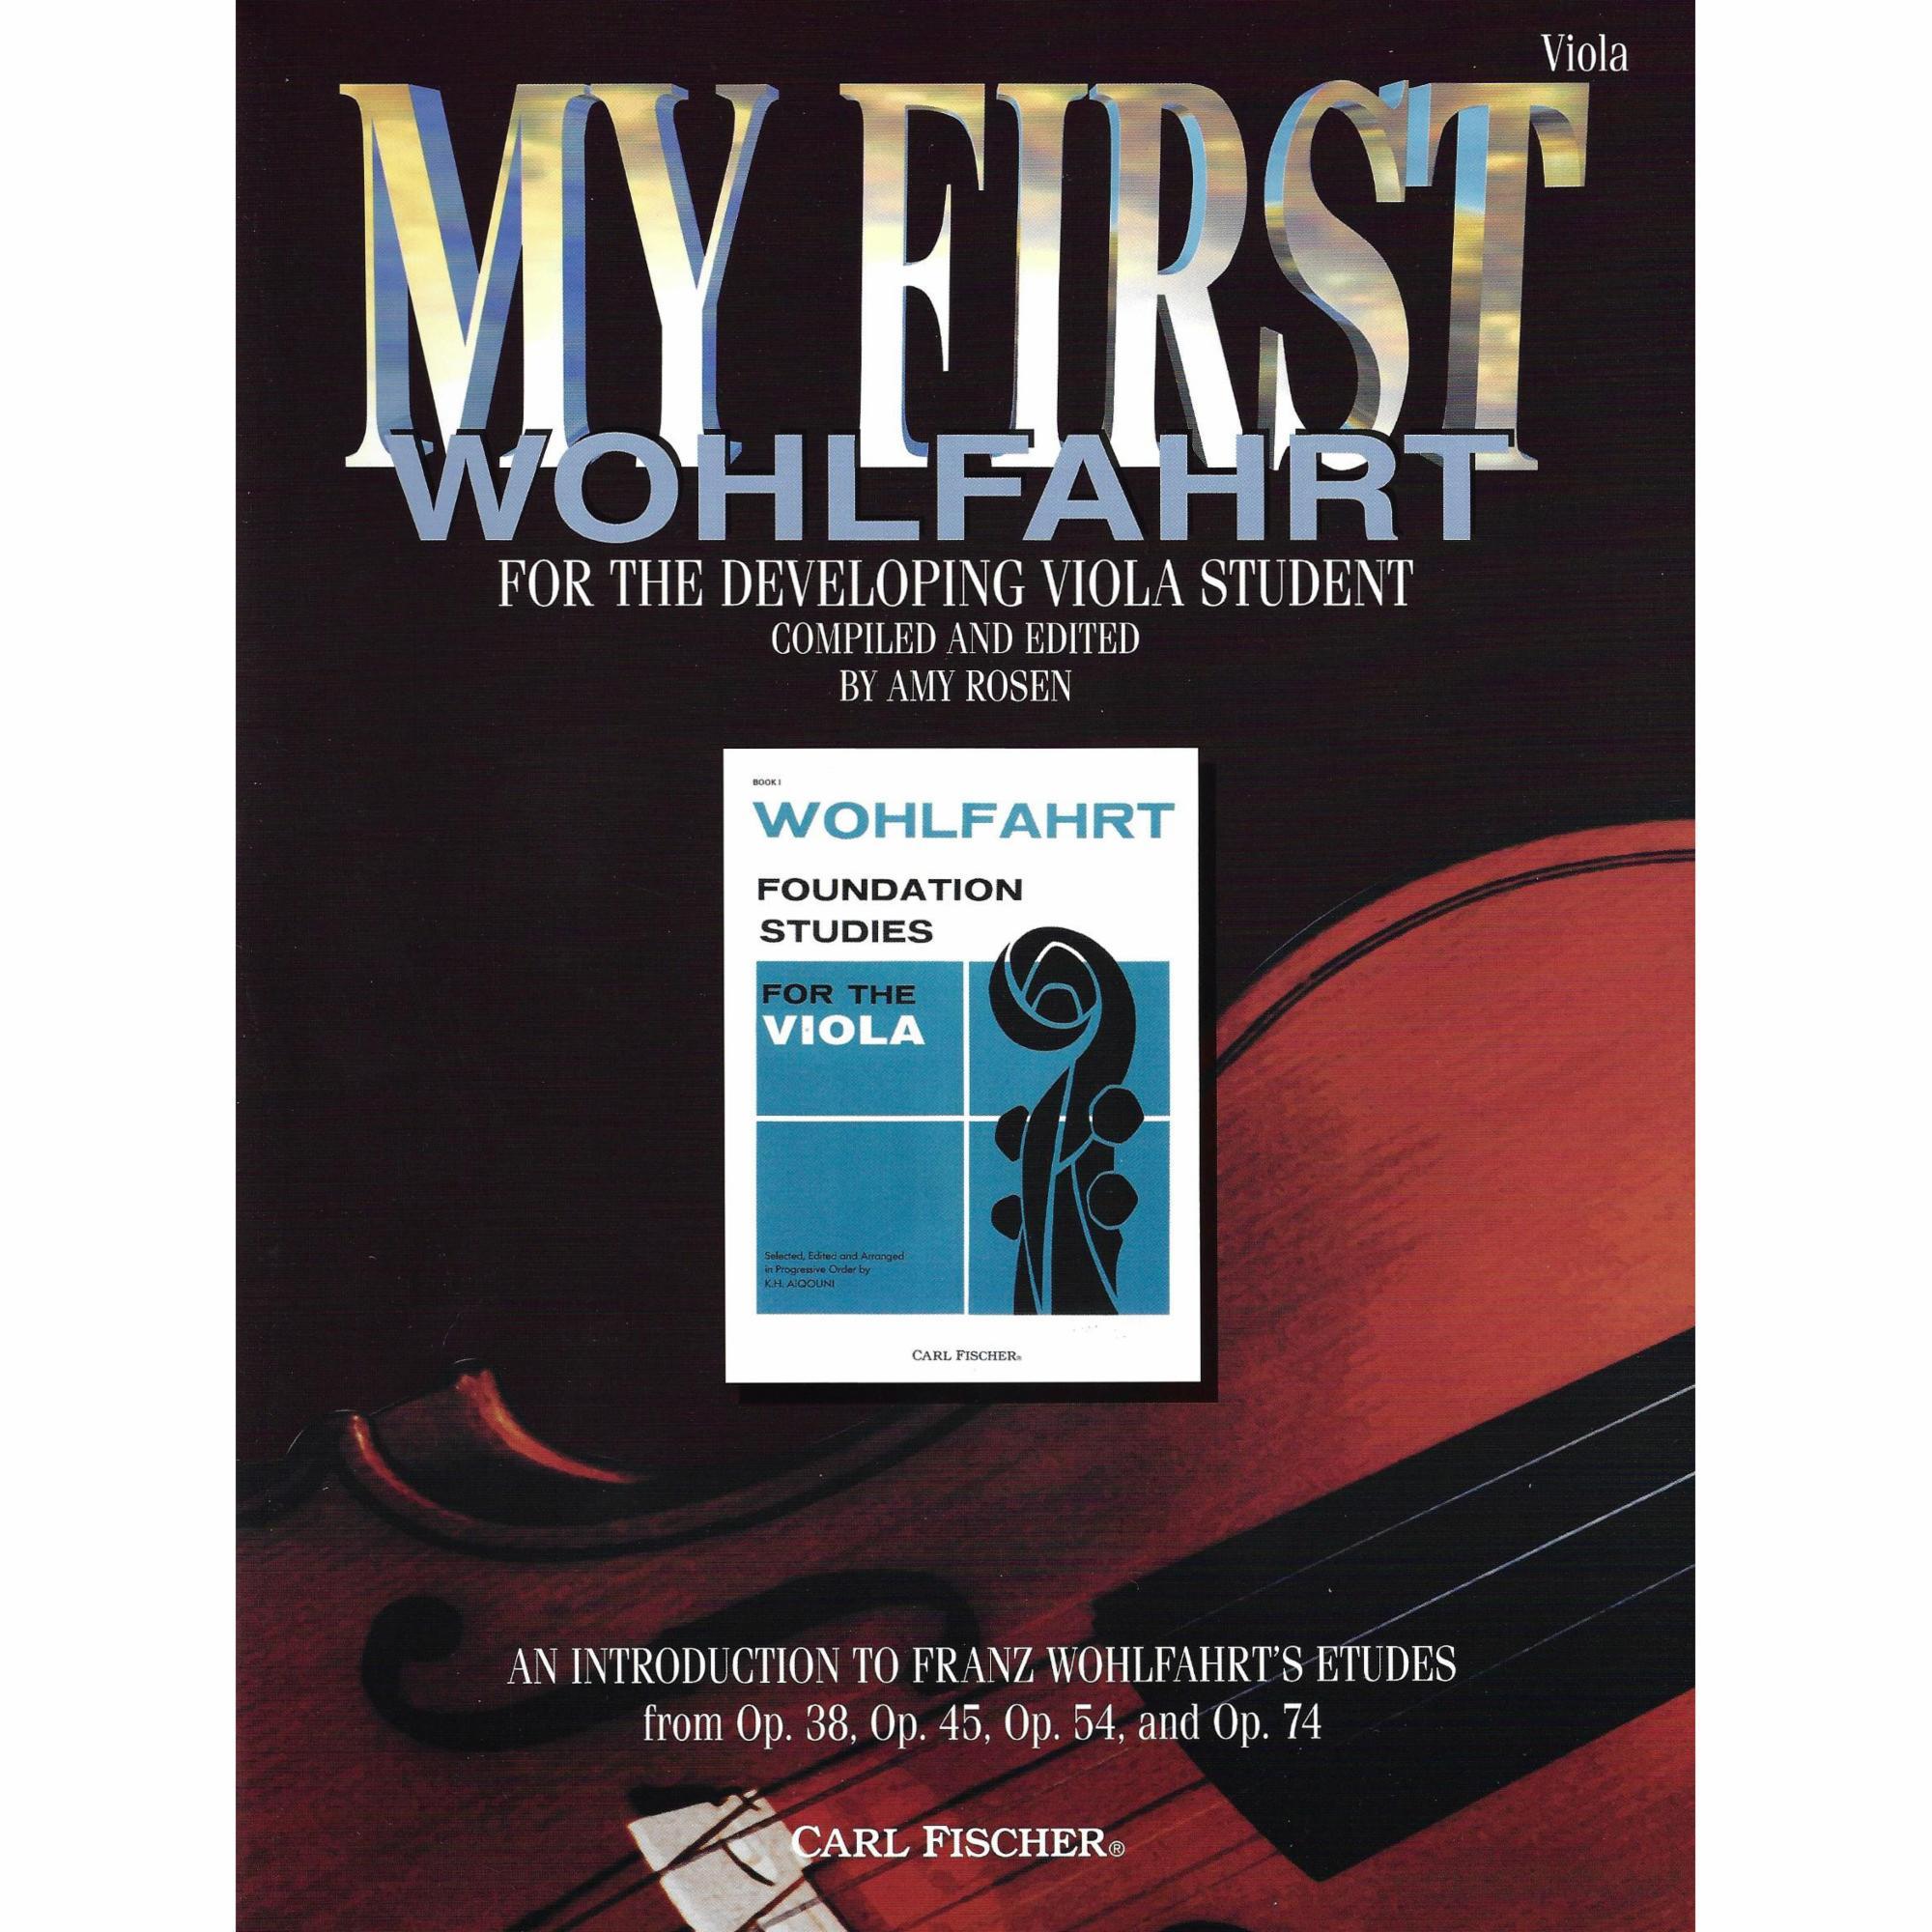 My First Wohlfahrt (Viola Edition)